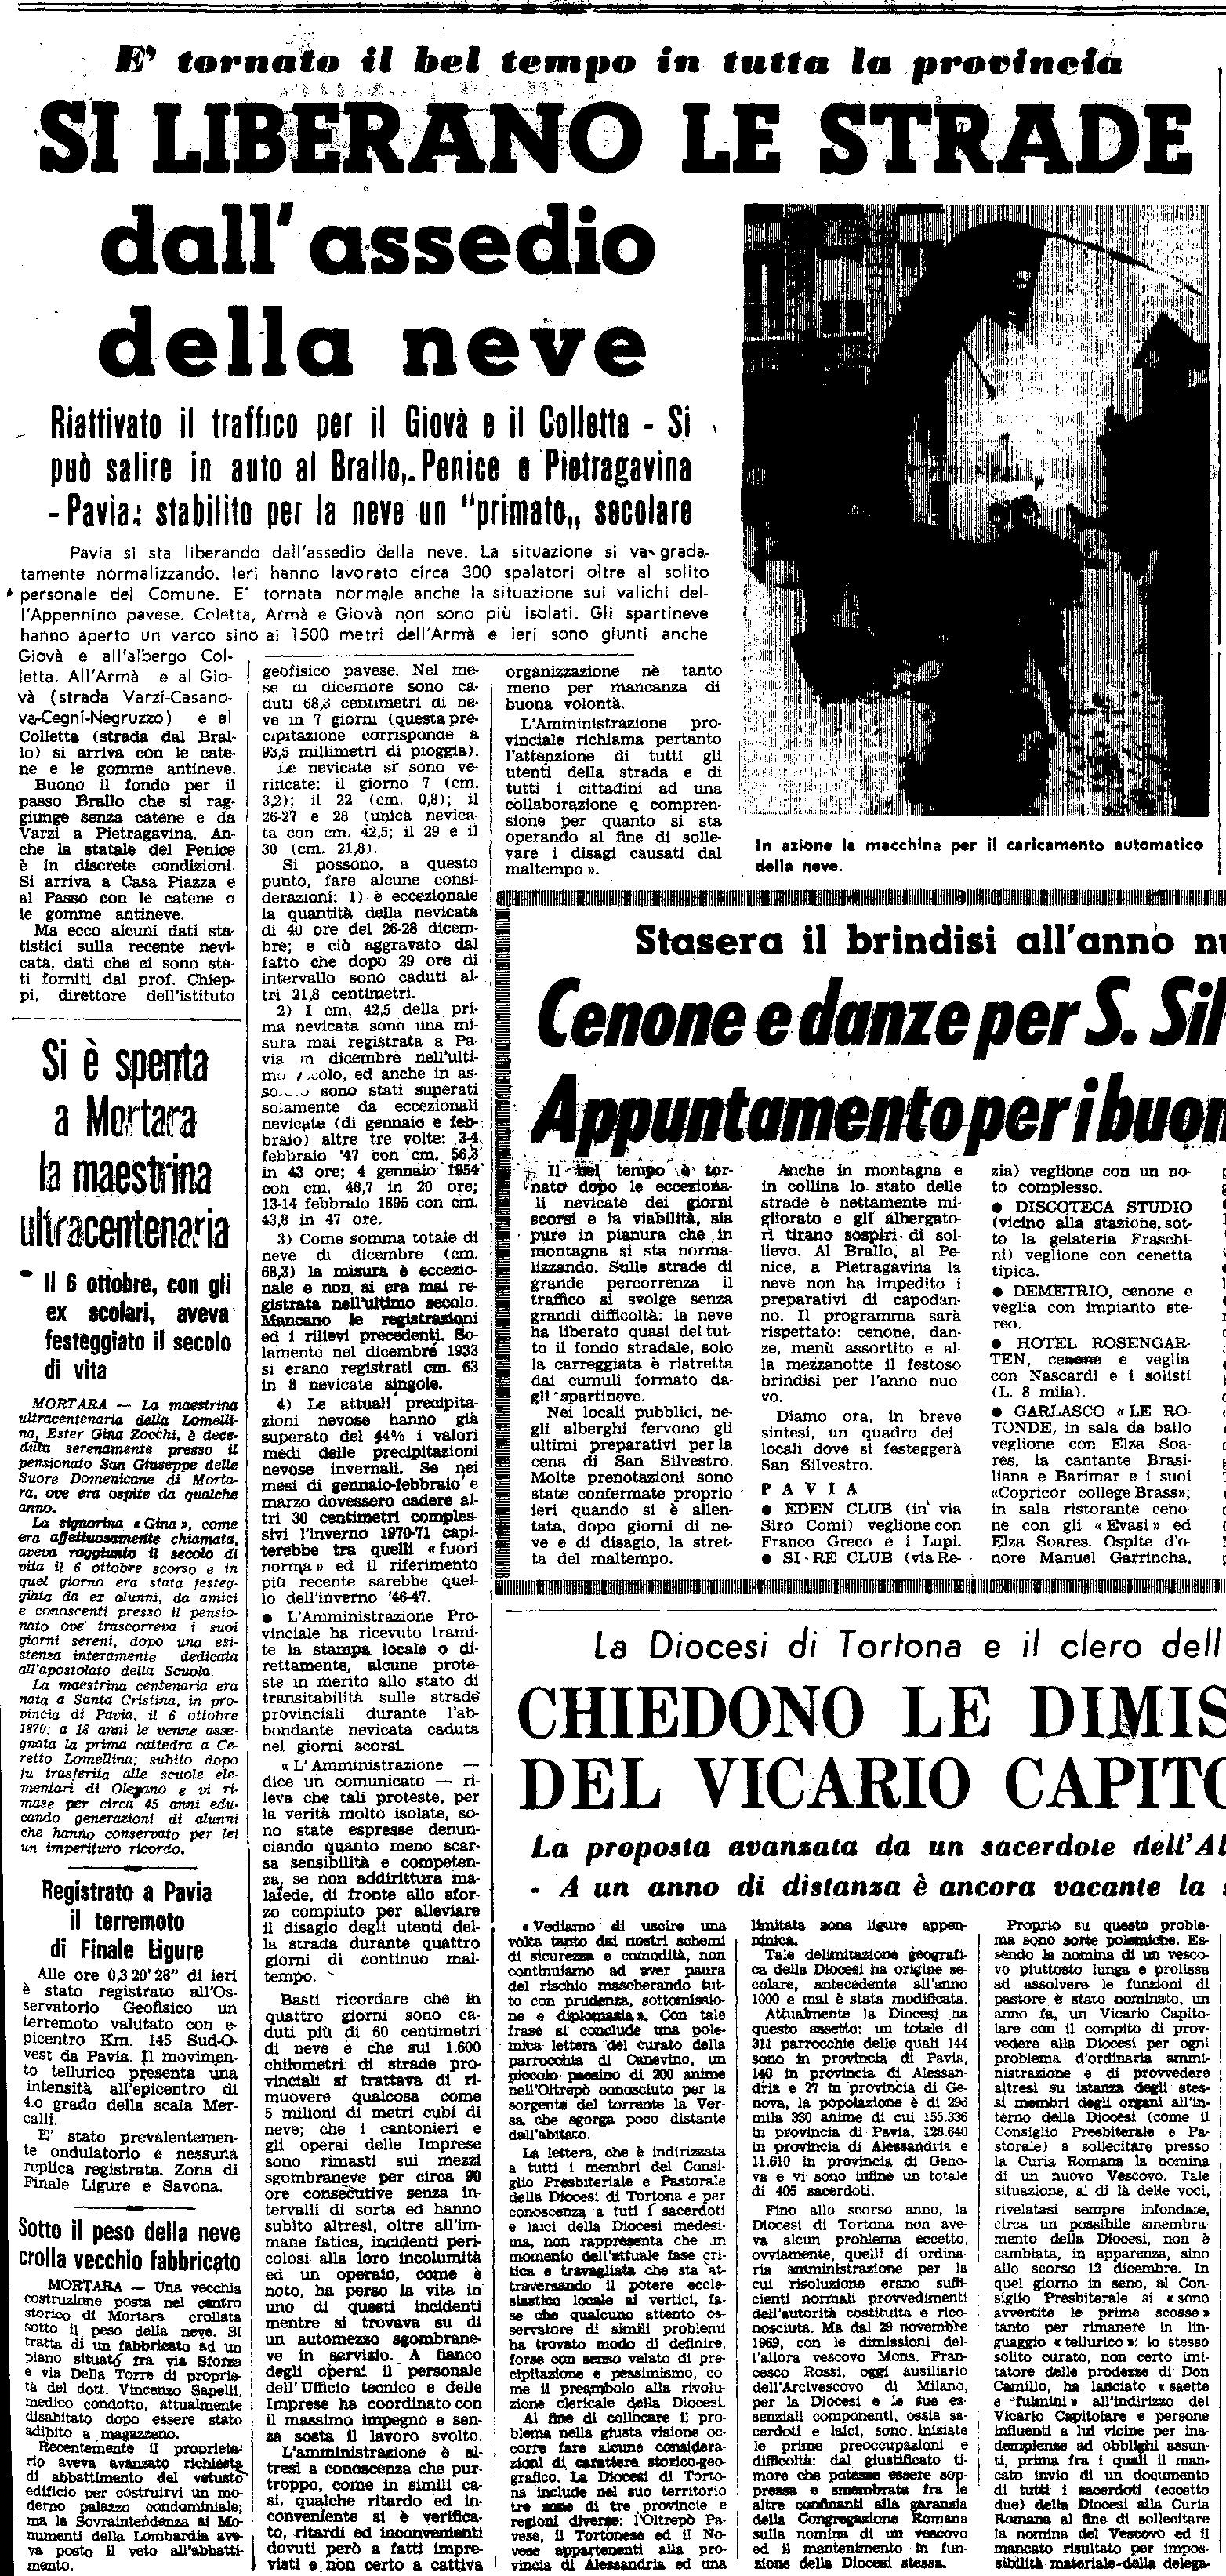 La nevicata del 31 Dicembre 1970, ripresa da un articolo de